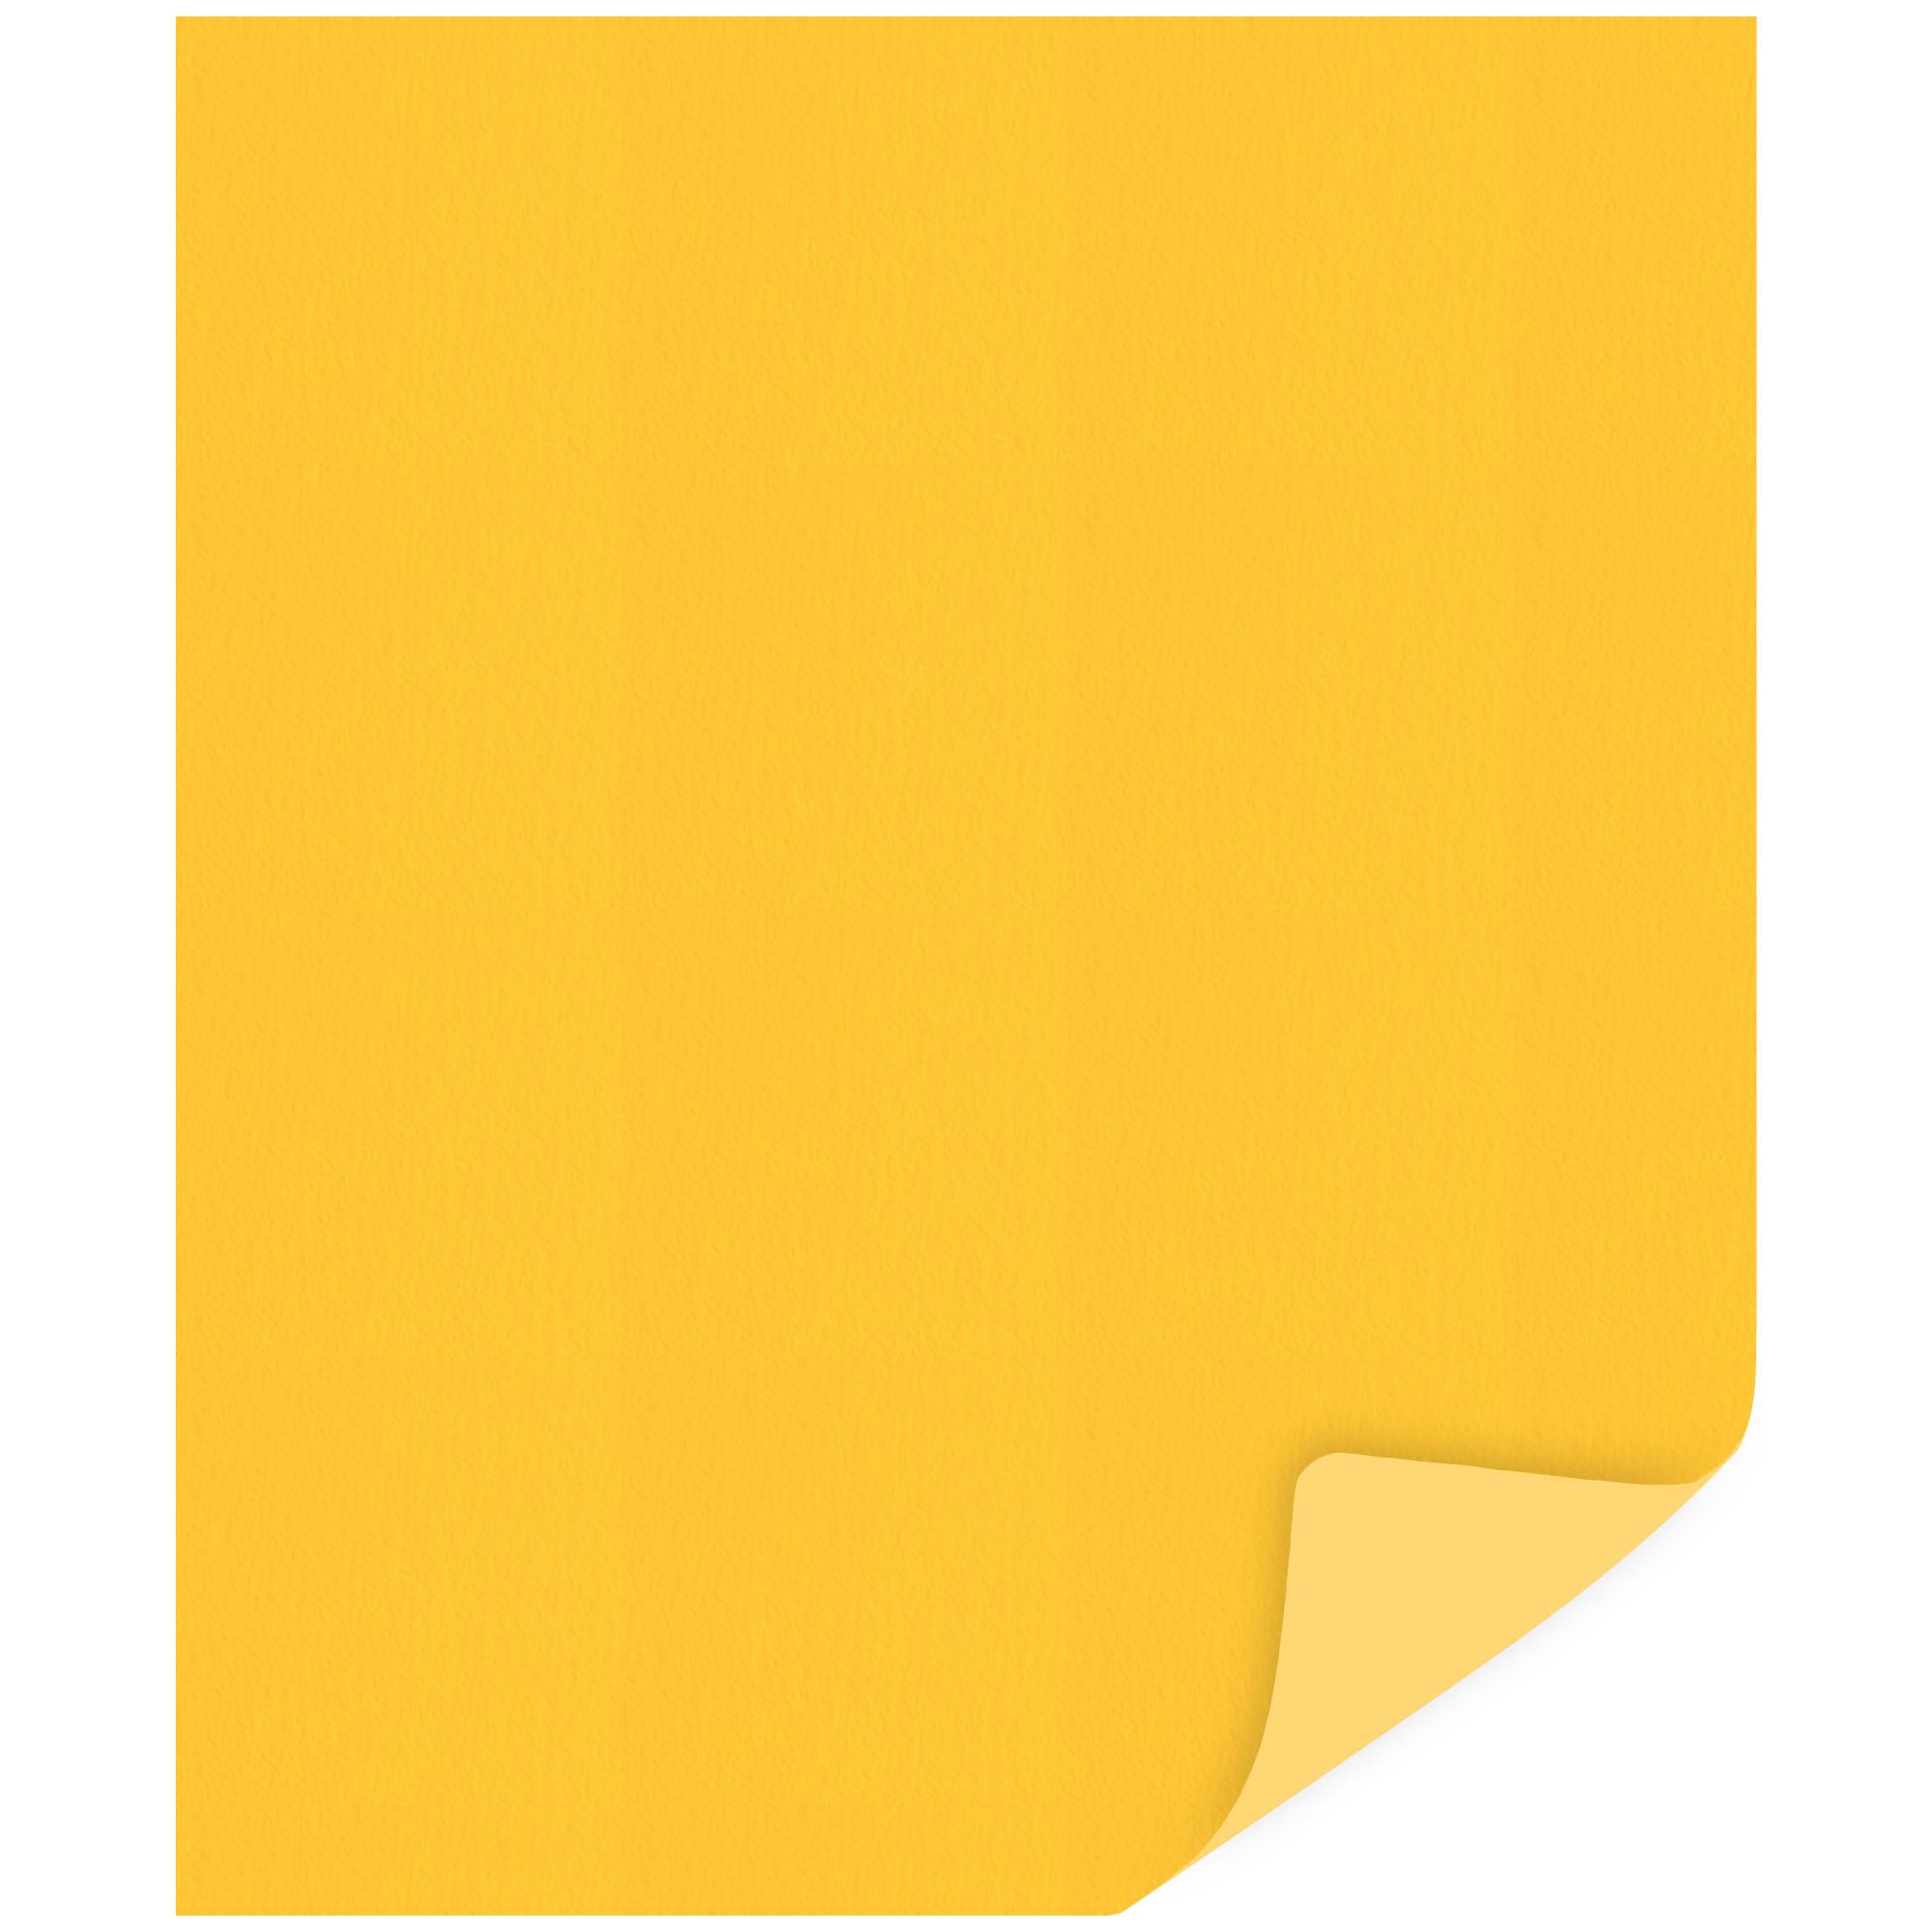 Papel Dobradura 50X60CM. Cor Amarelo  209.1.06 - V.M.P.